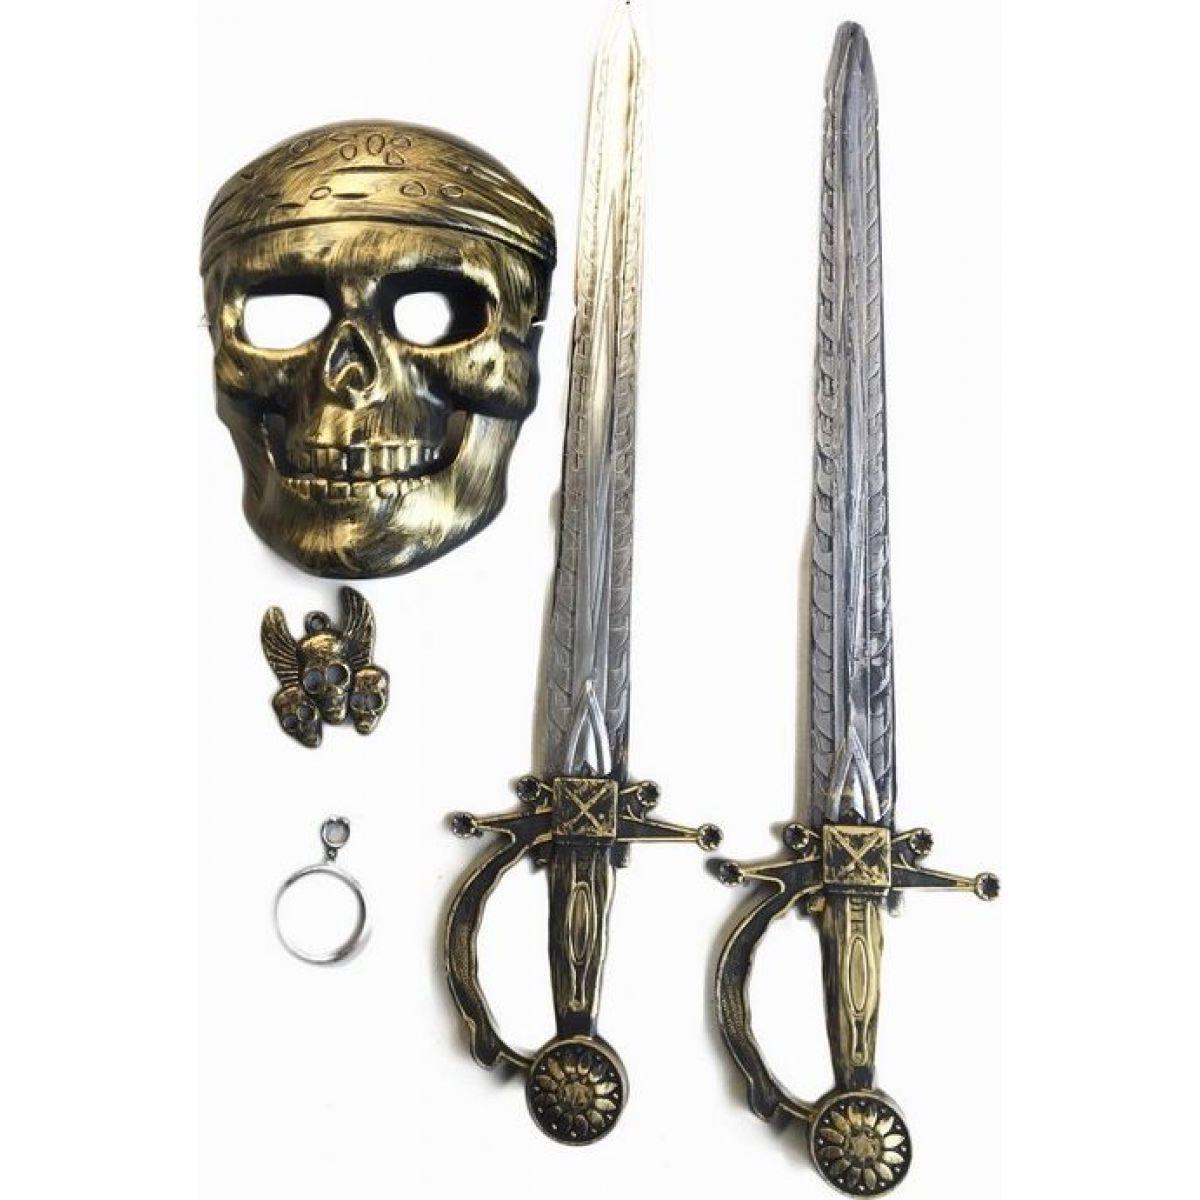 Rappa sada pirátská s maskou a 2 meči